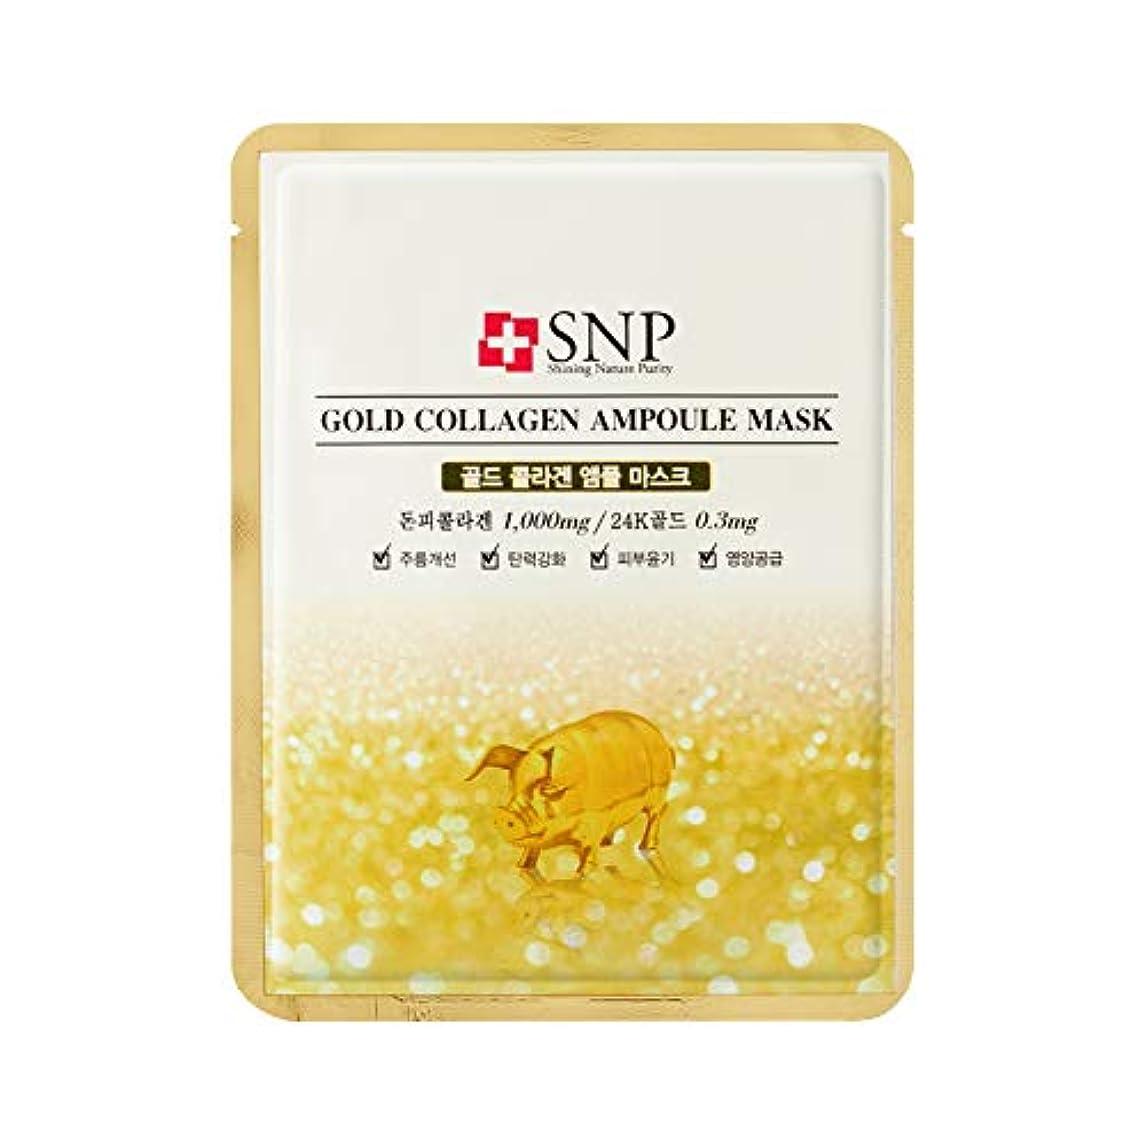 歩き回るパラメータ言語【SNP公式】ゴールドコラーゲンアンプルマスク10枚セット/Gold Collagen Ampoul Mask 25ml 韓国コスメ 韓国パック フェイスマスク マスクパック 保湿